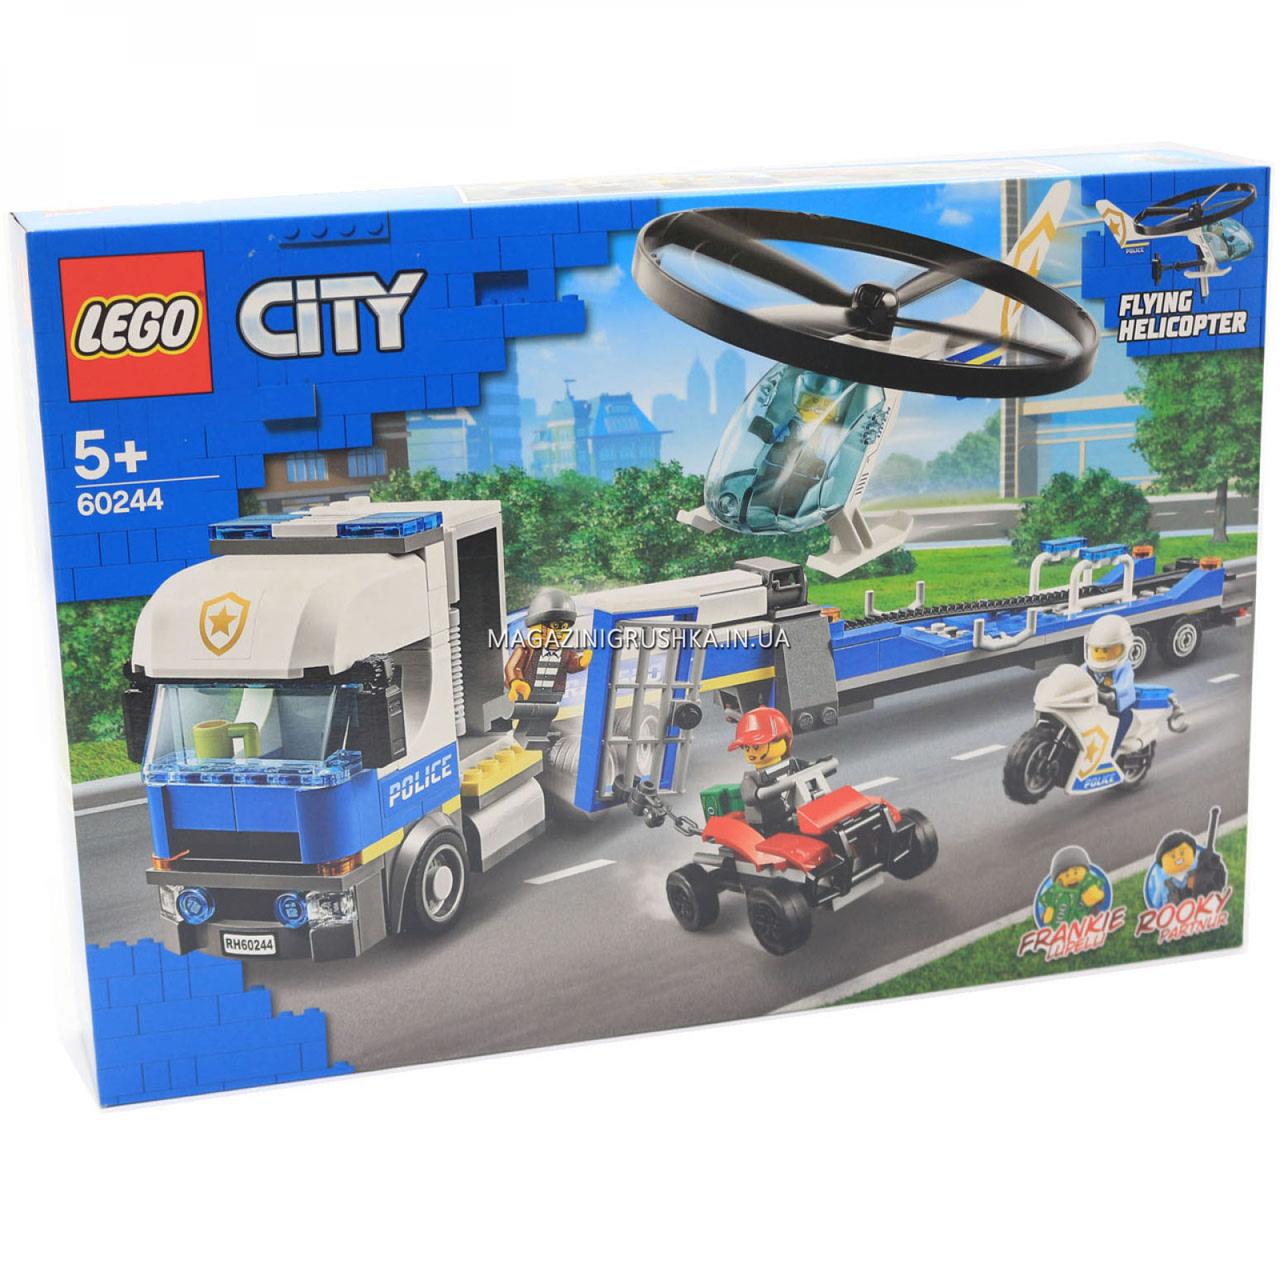 Конструктор LEGO City Police (Лего) Полицейский вертолётный транспорт, 317 деталей (60244)